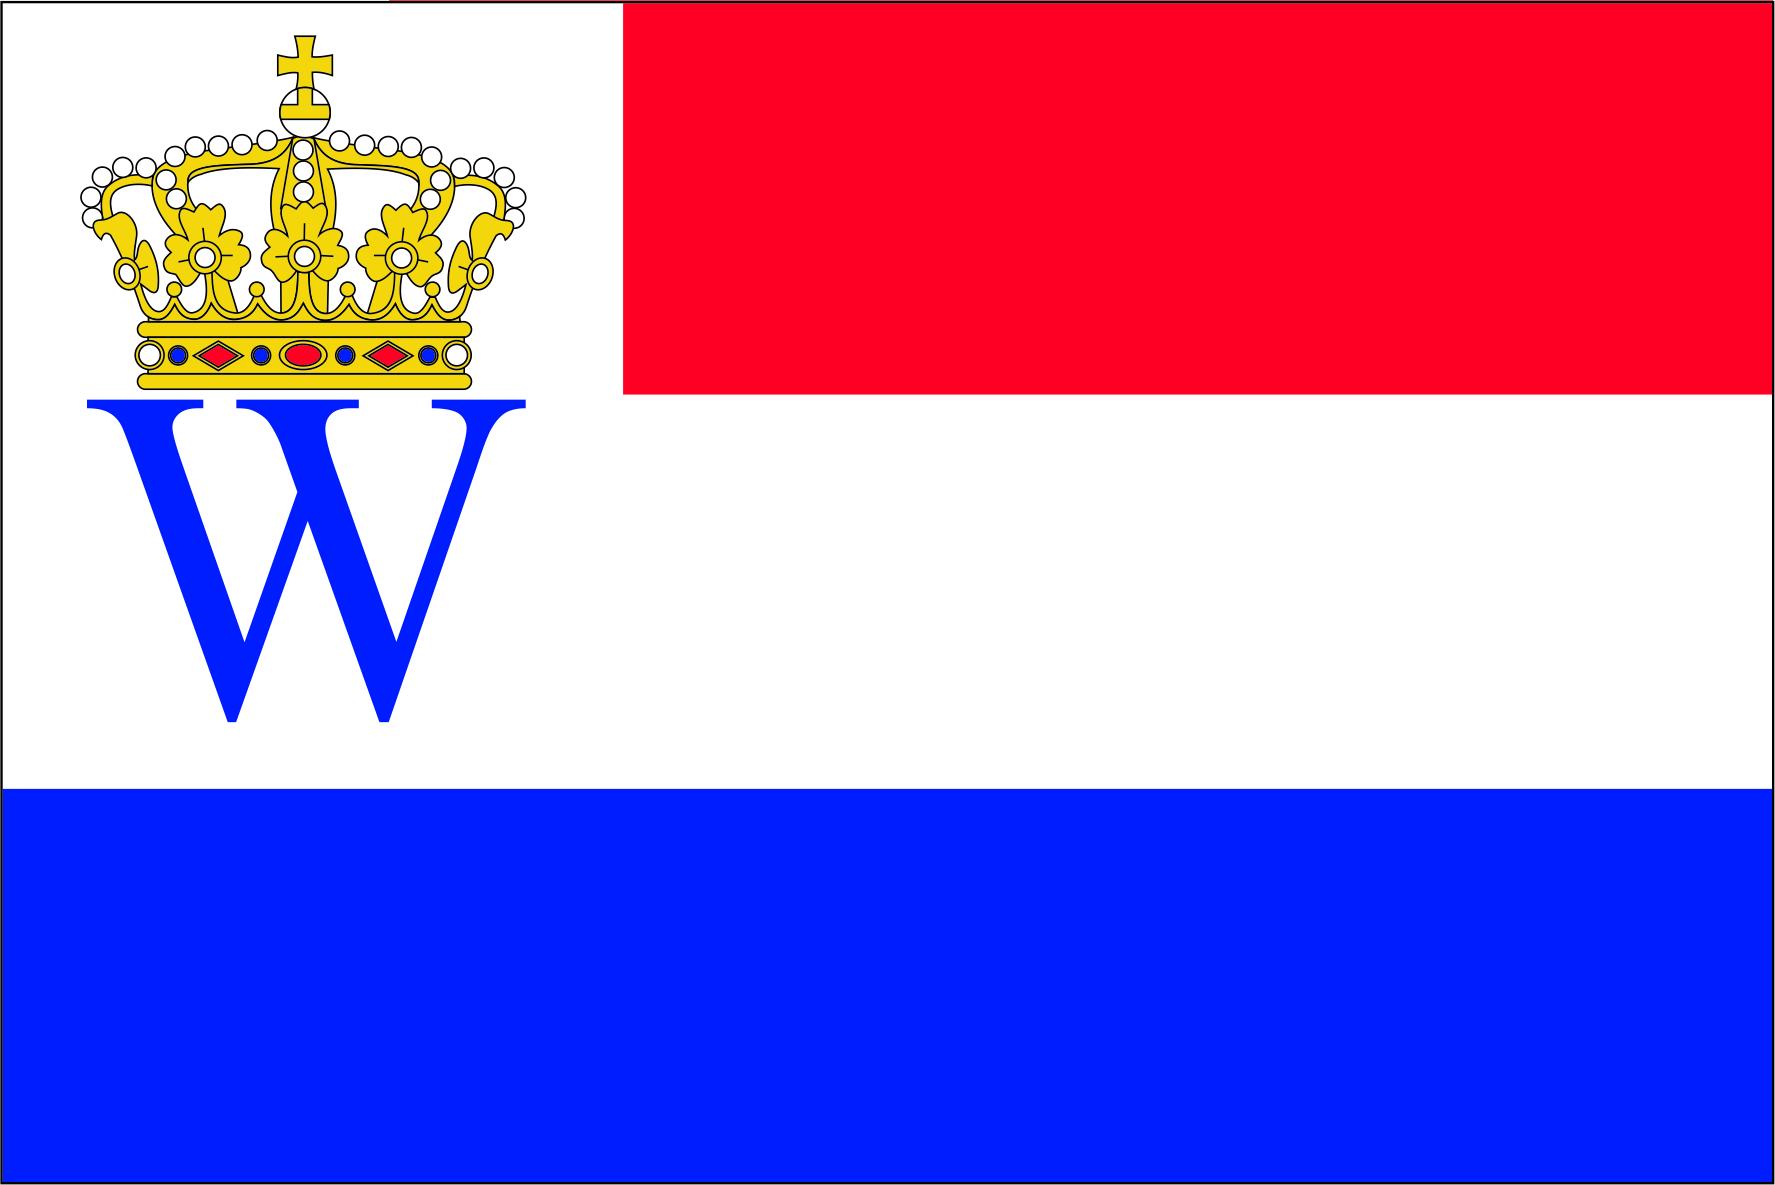 Kroningsvlag kroning Koning Willem IV en Maxima der Nederlanden 70x100cm